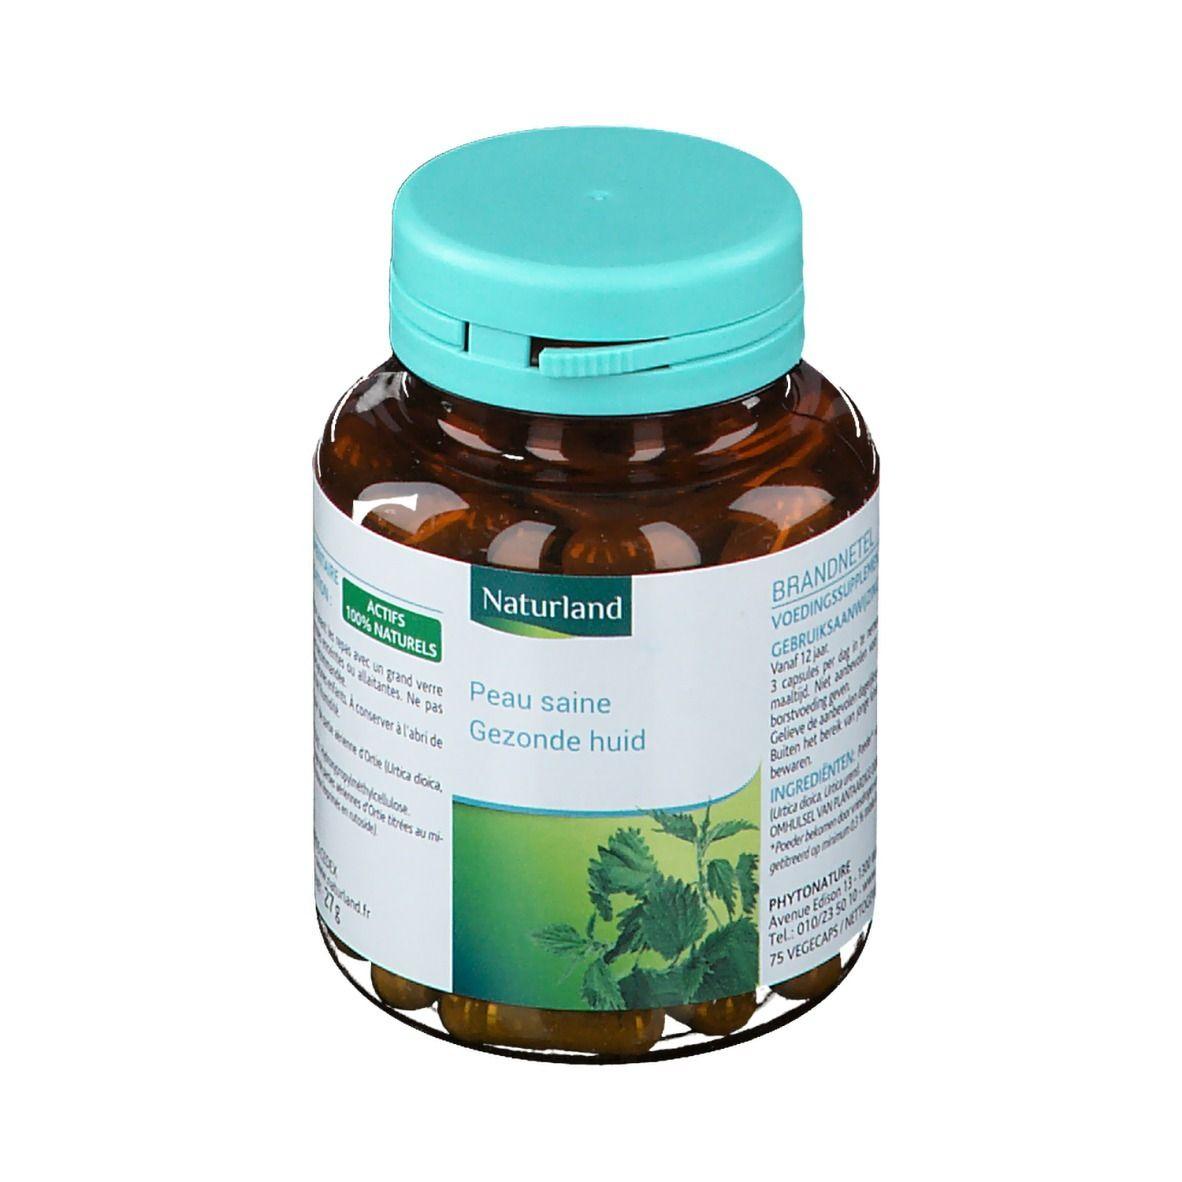 Naturland ORTIE pc(s) capsule(s)